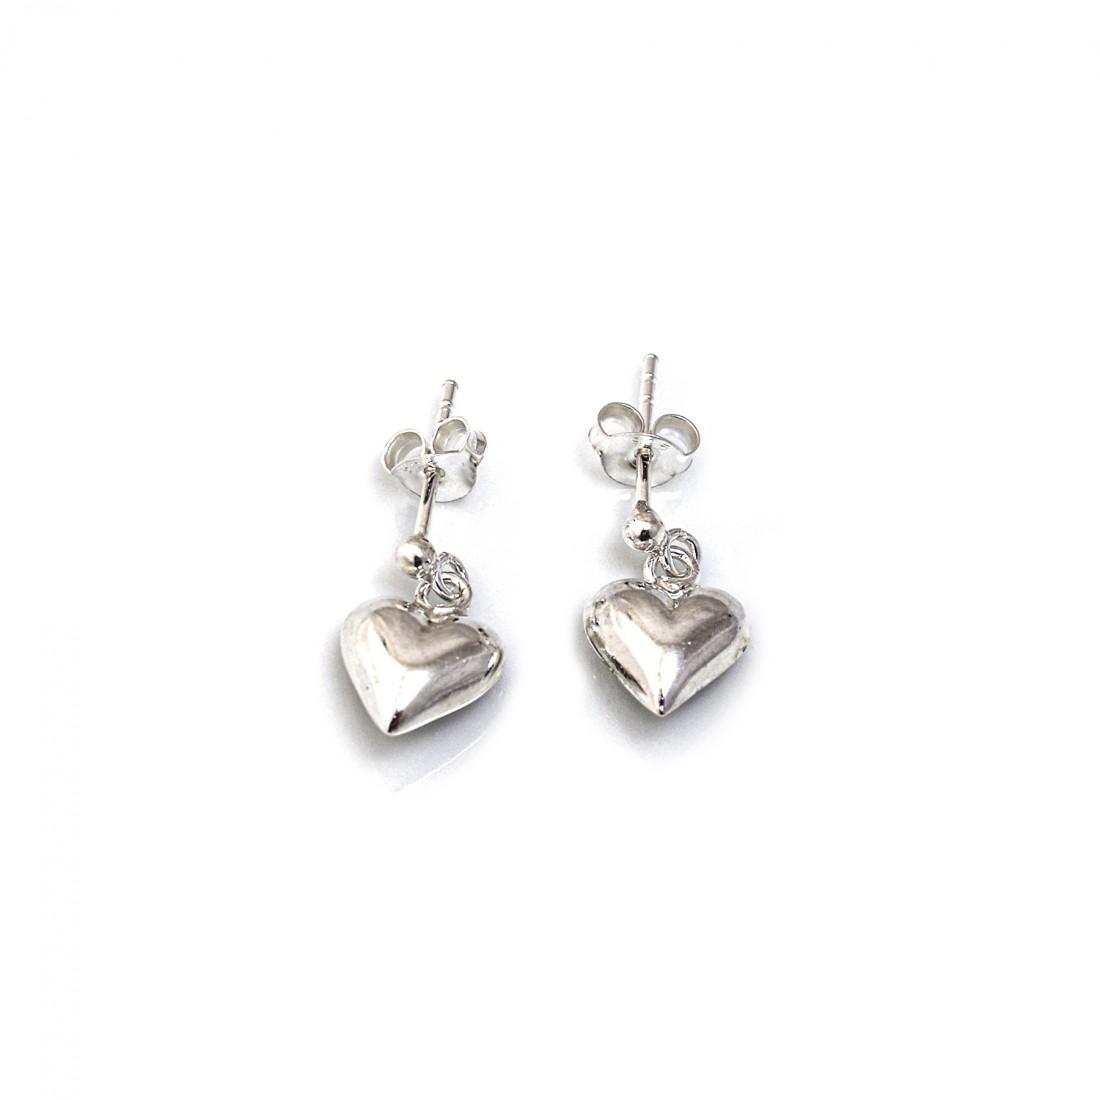 Sterling Silver Dangly Heart Earrings